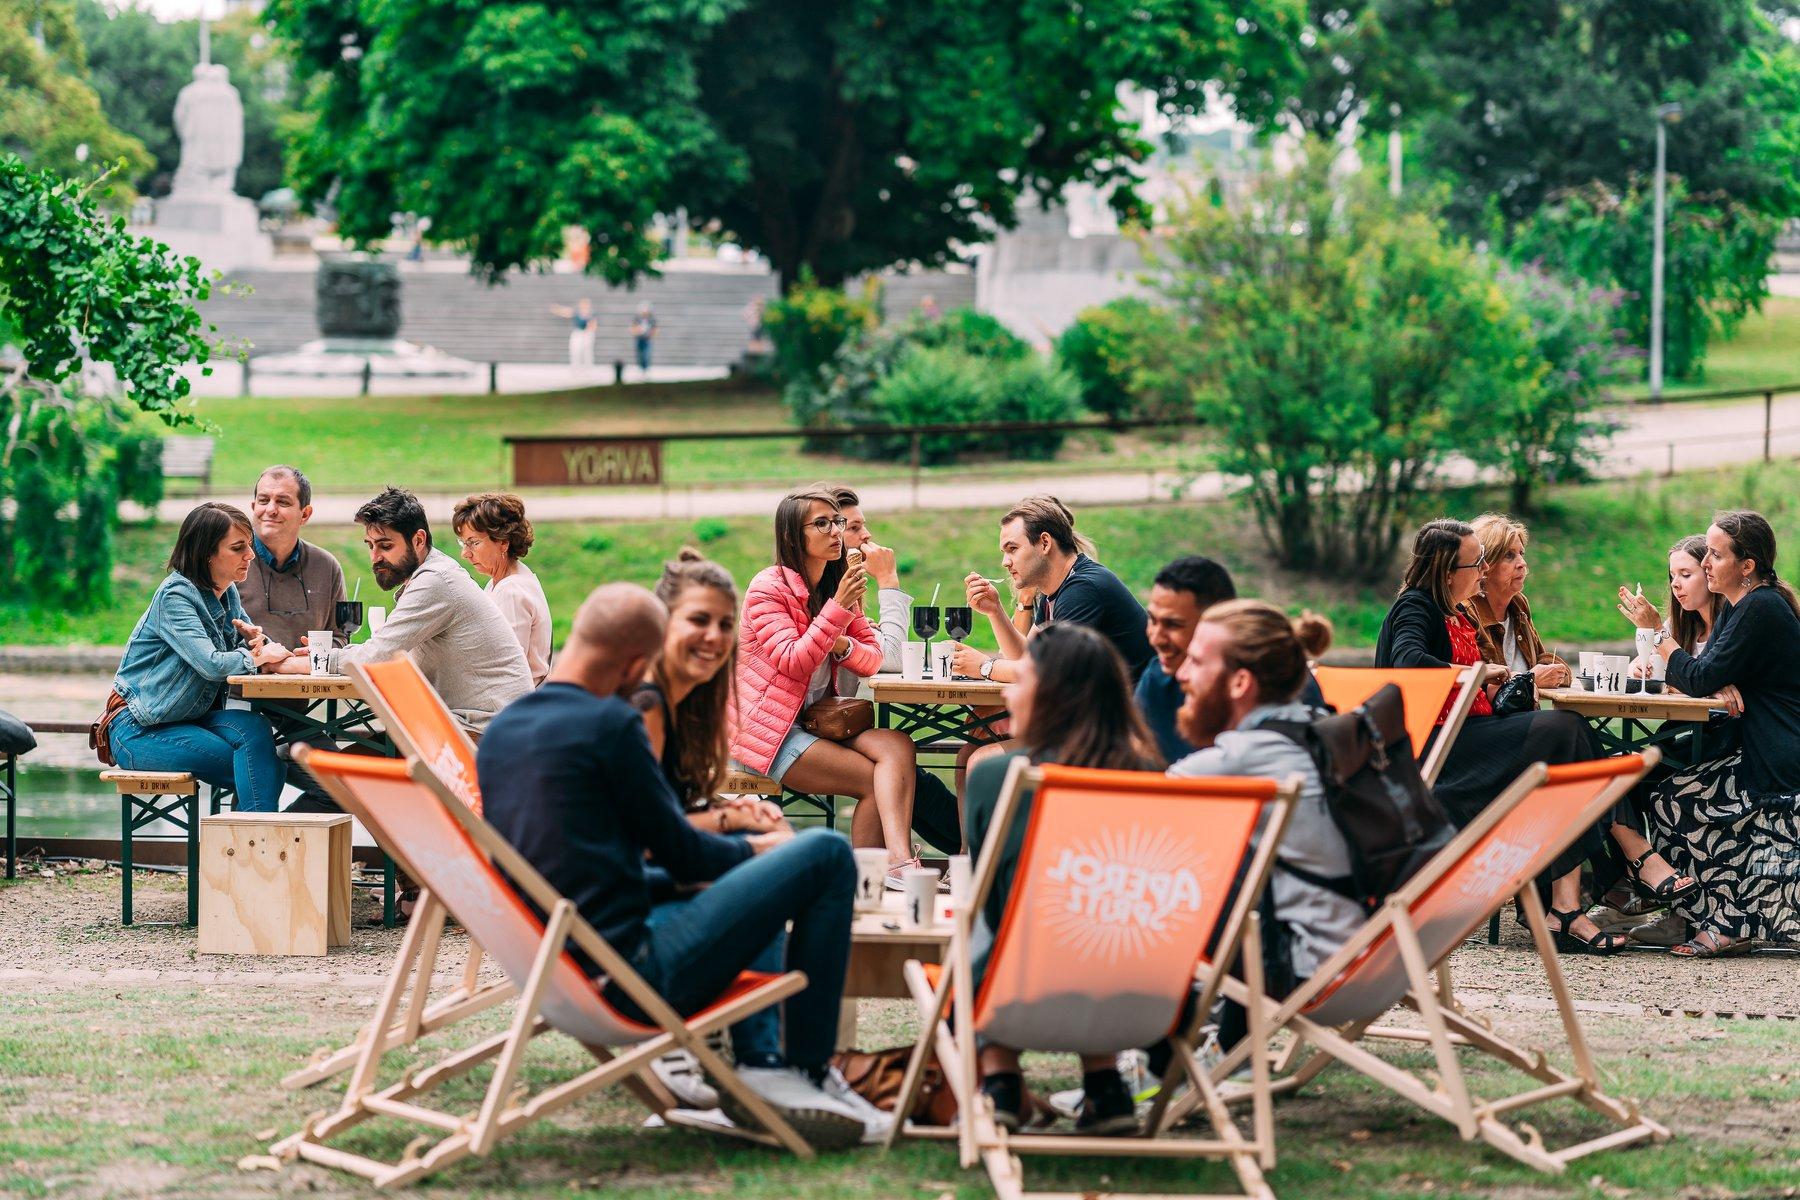 FADA food trucks festival Liège street food parc d'Avroy DR